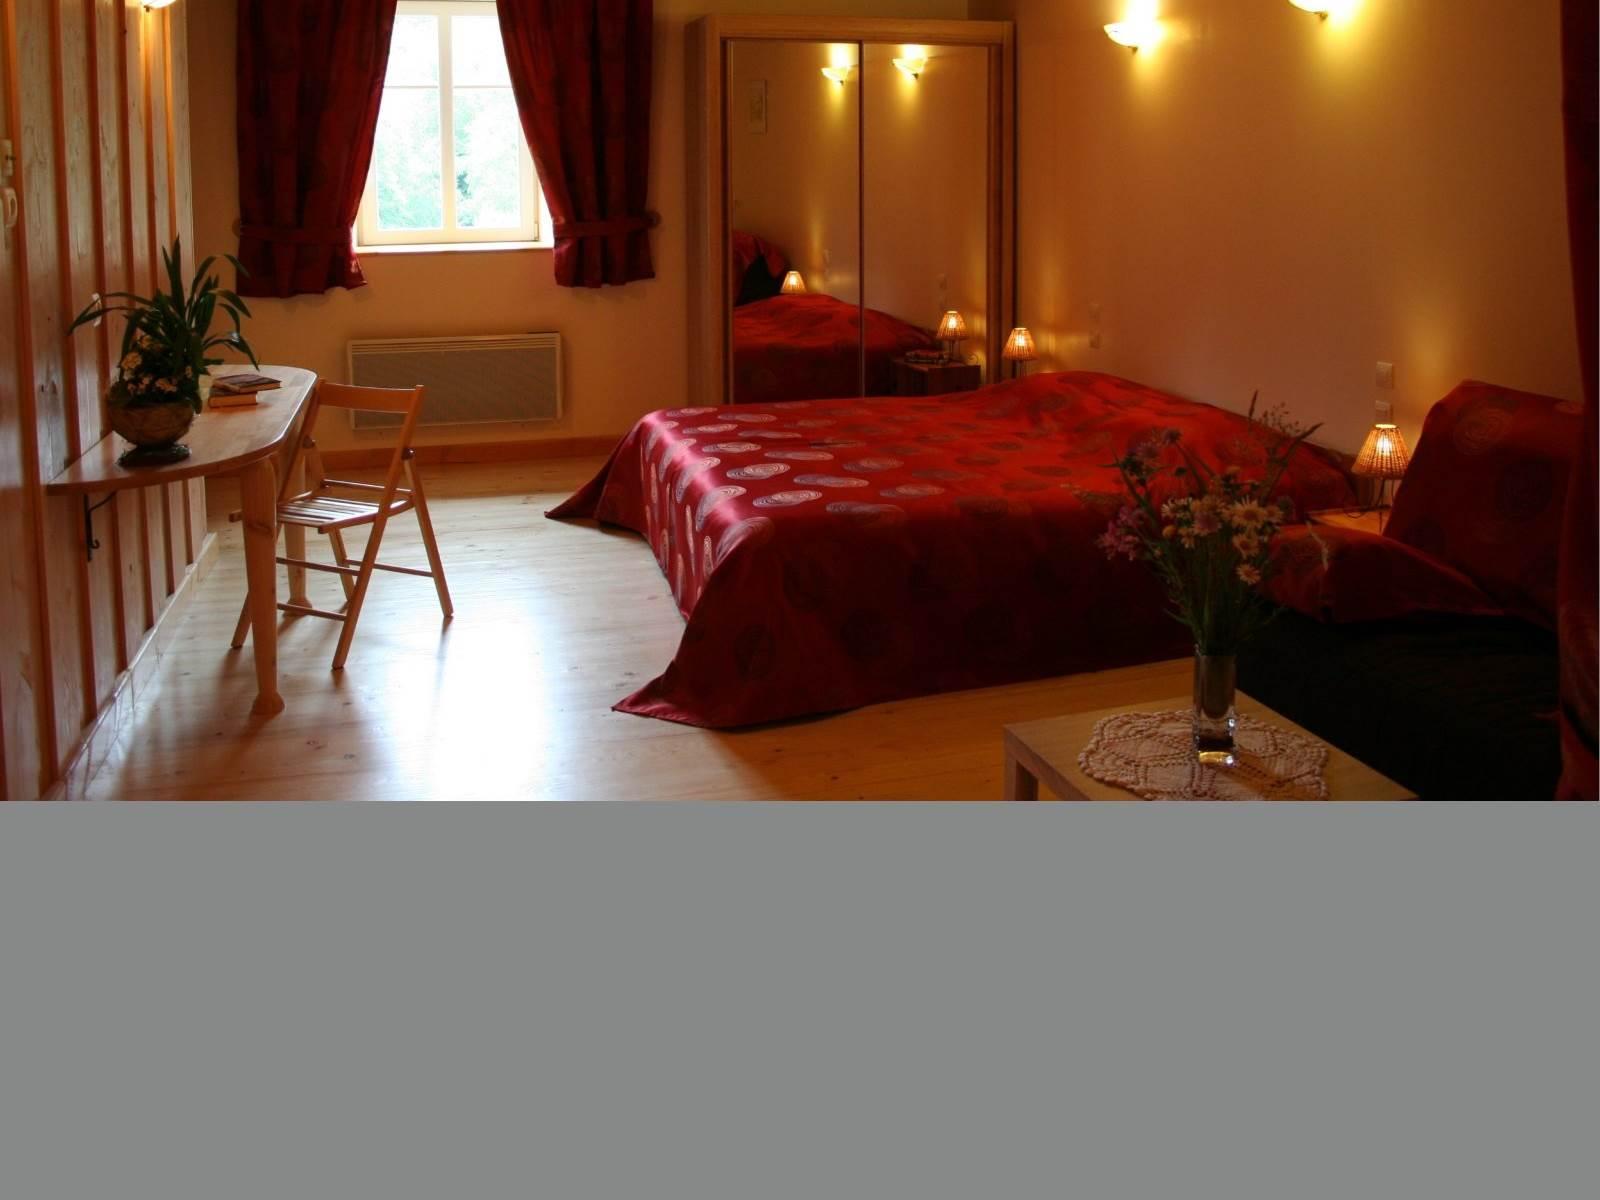 Chambre d'hôtes Rubis de 35m² ,  2 à 5 personnes La landre, Le Clerjus, Bains les Bains, la Voge les Bains, Lorraine, Vosges